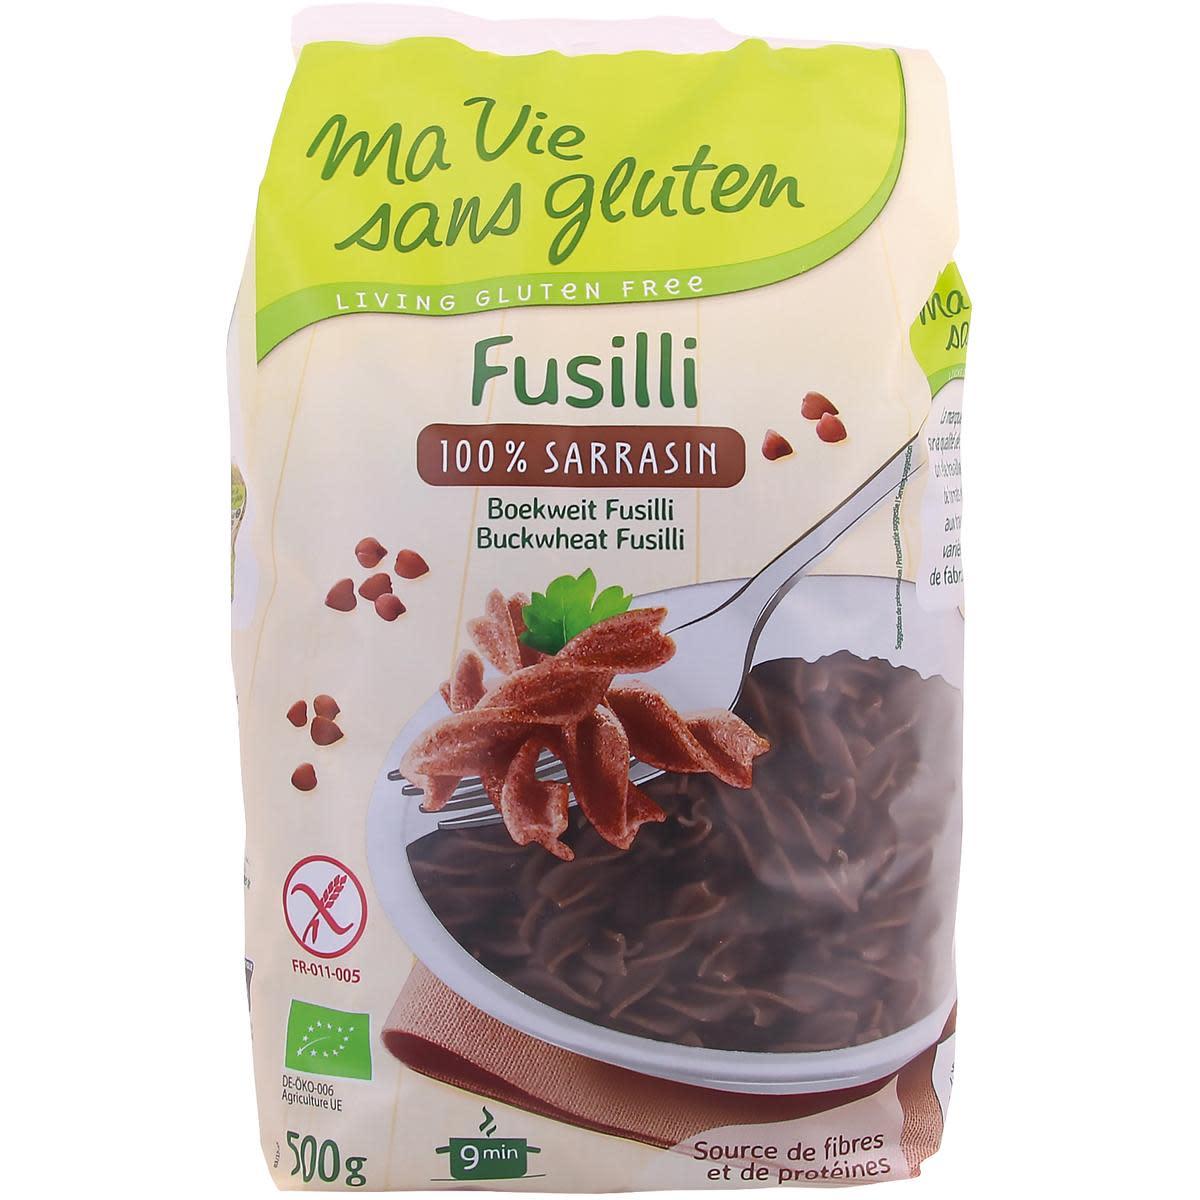 Ma vie sans gluten Fusili sarrasin 500g